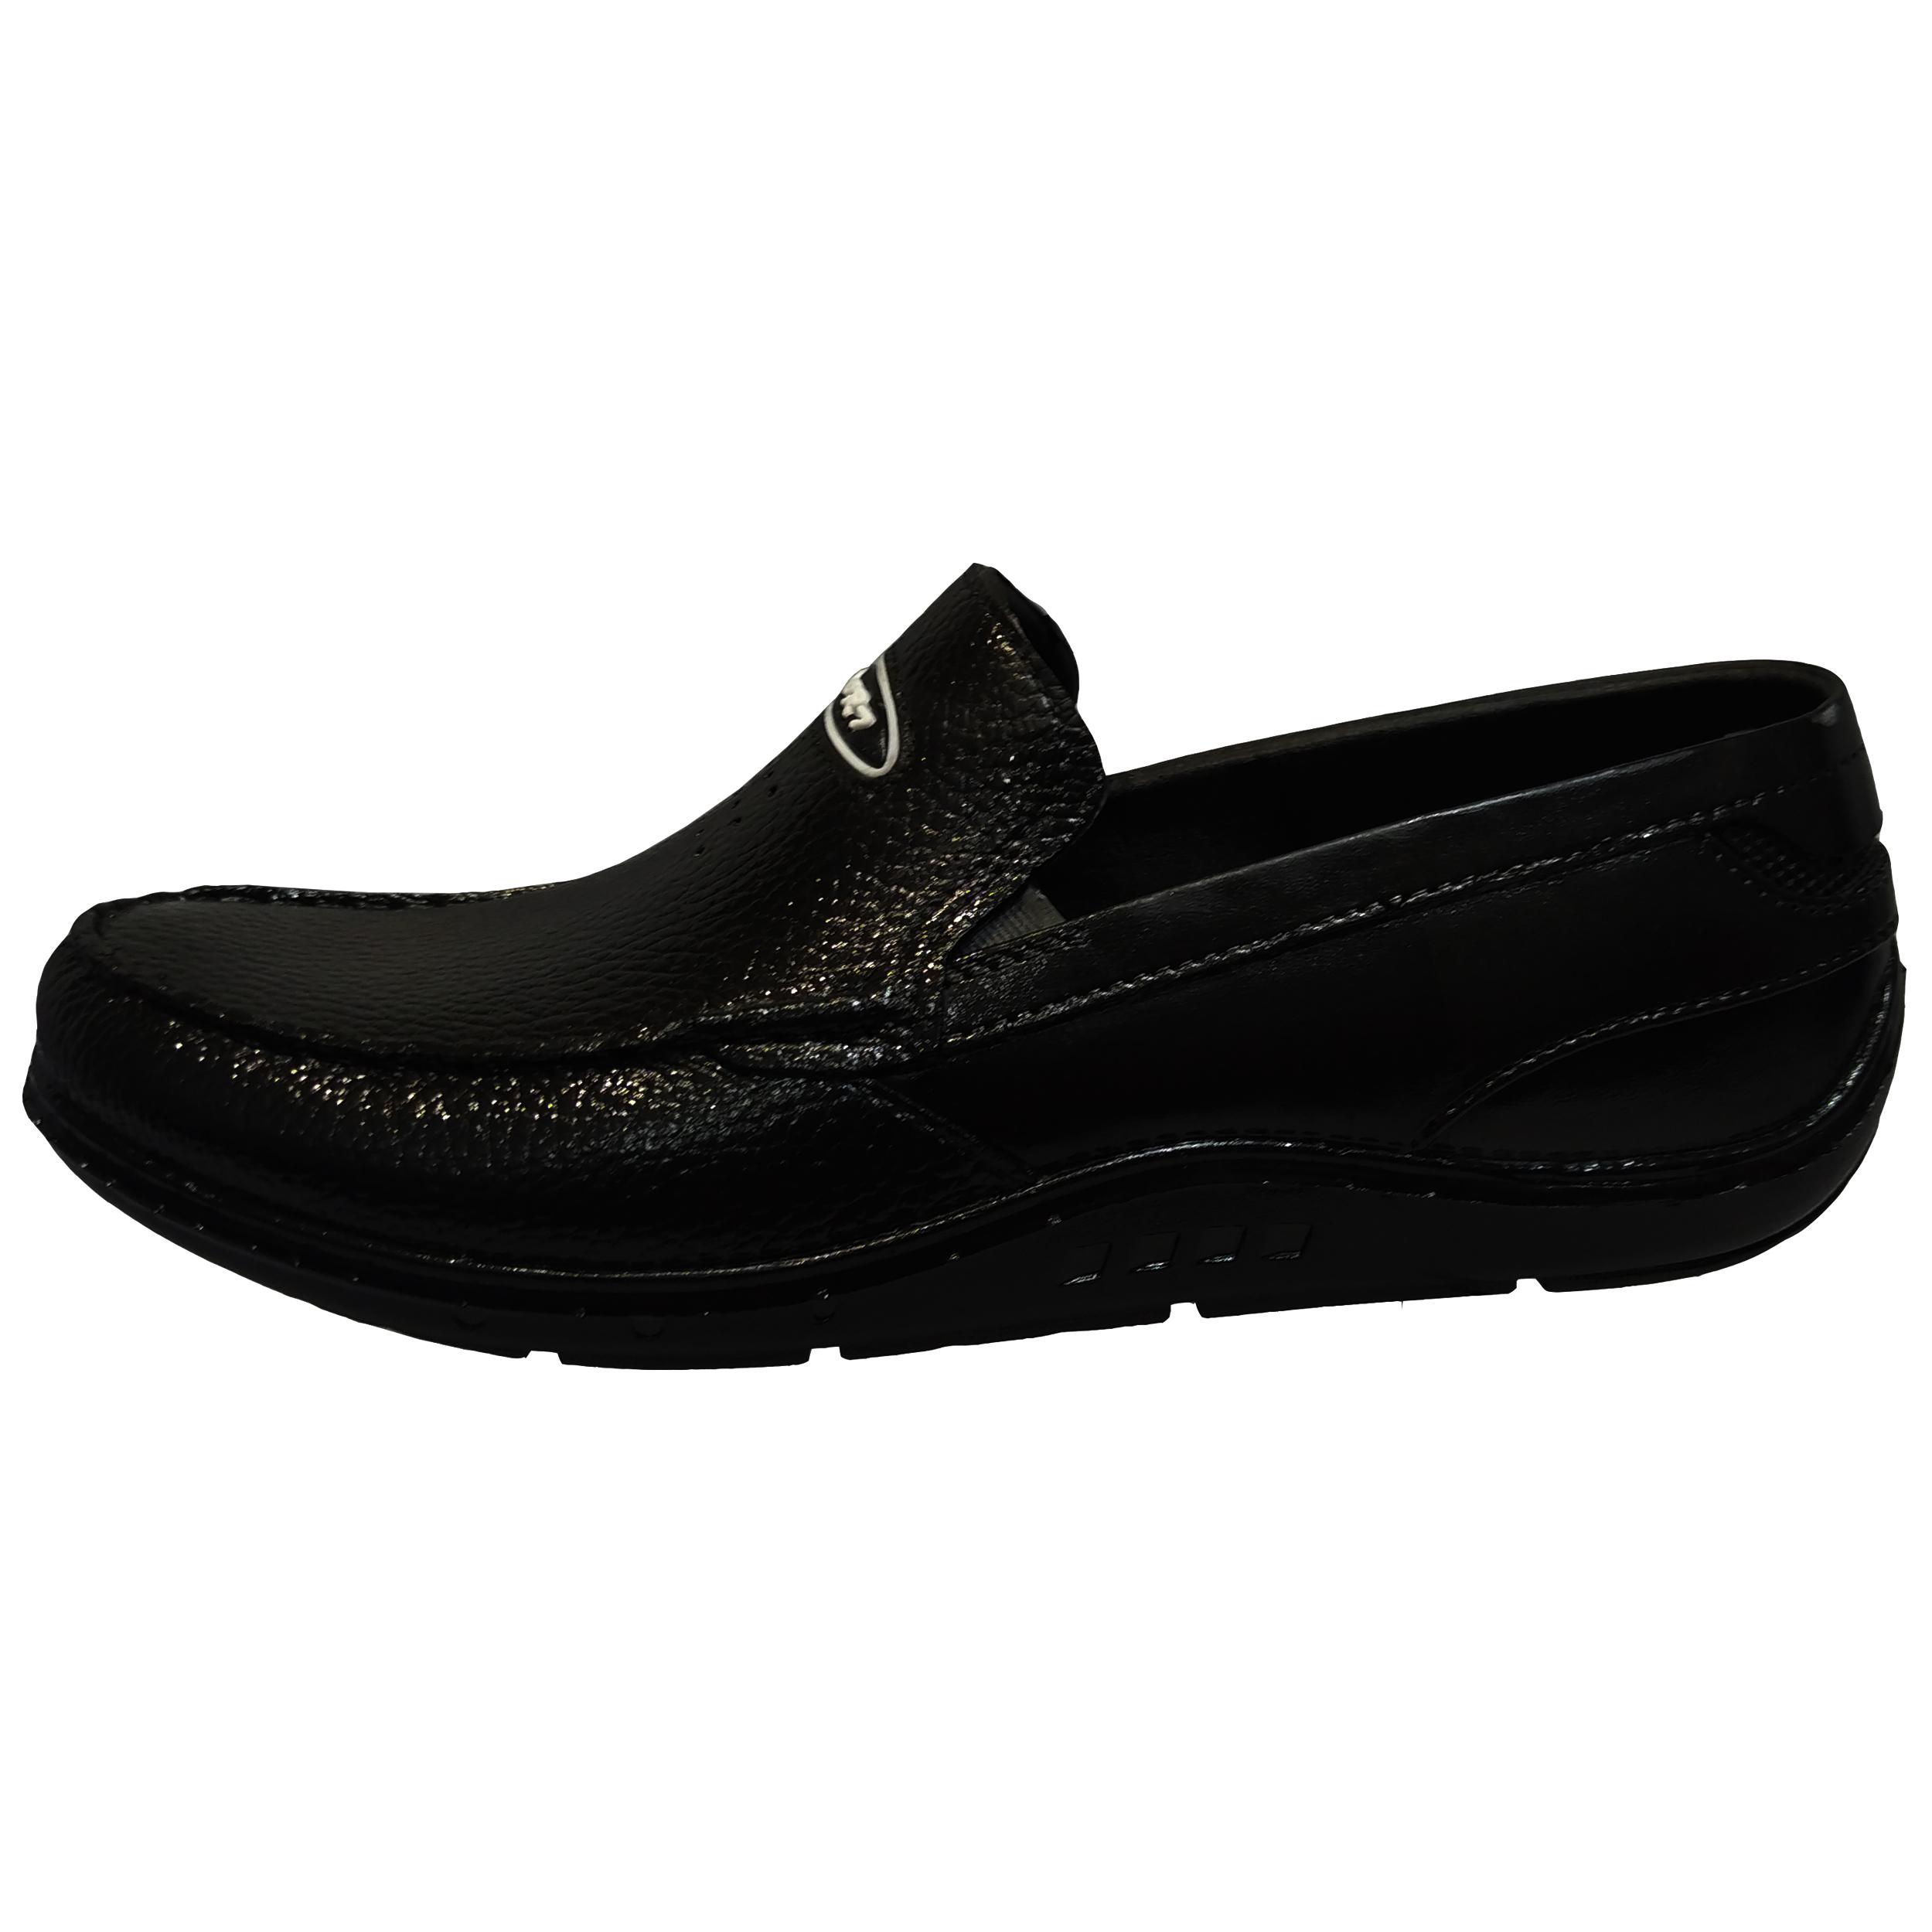 کفش روزمره مردانه مدل سامان رنگ مشکی